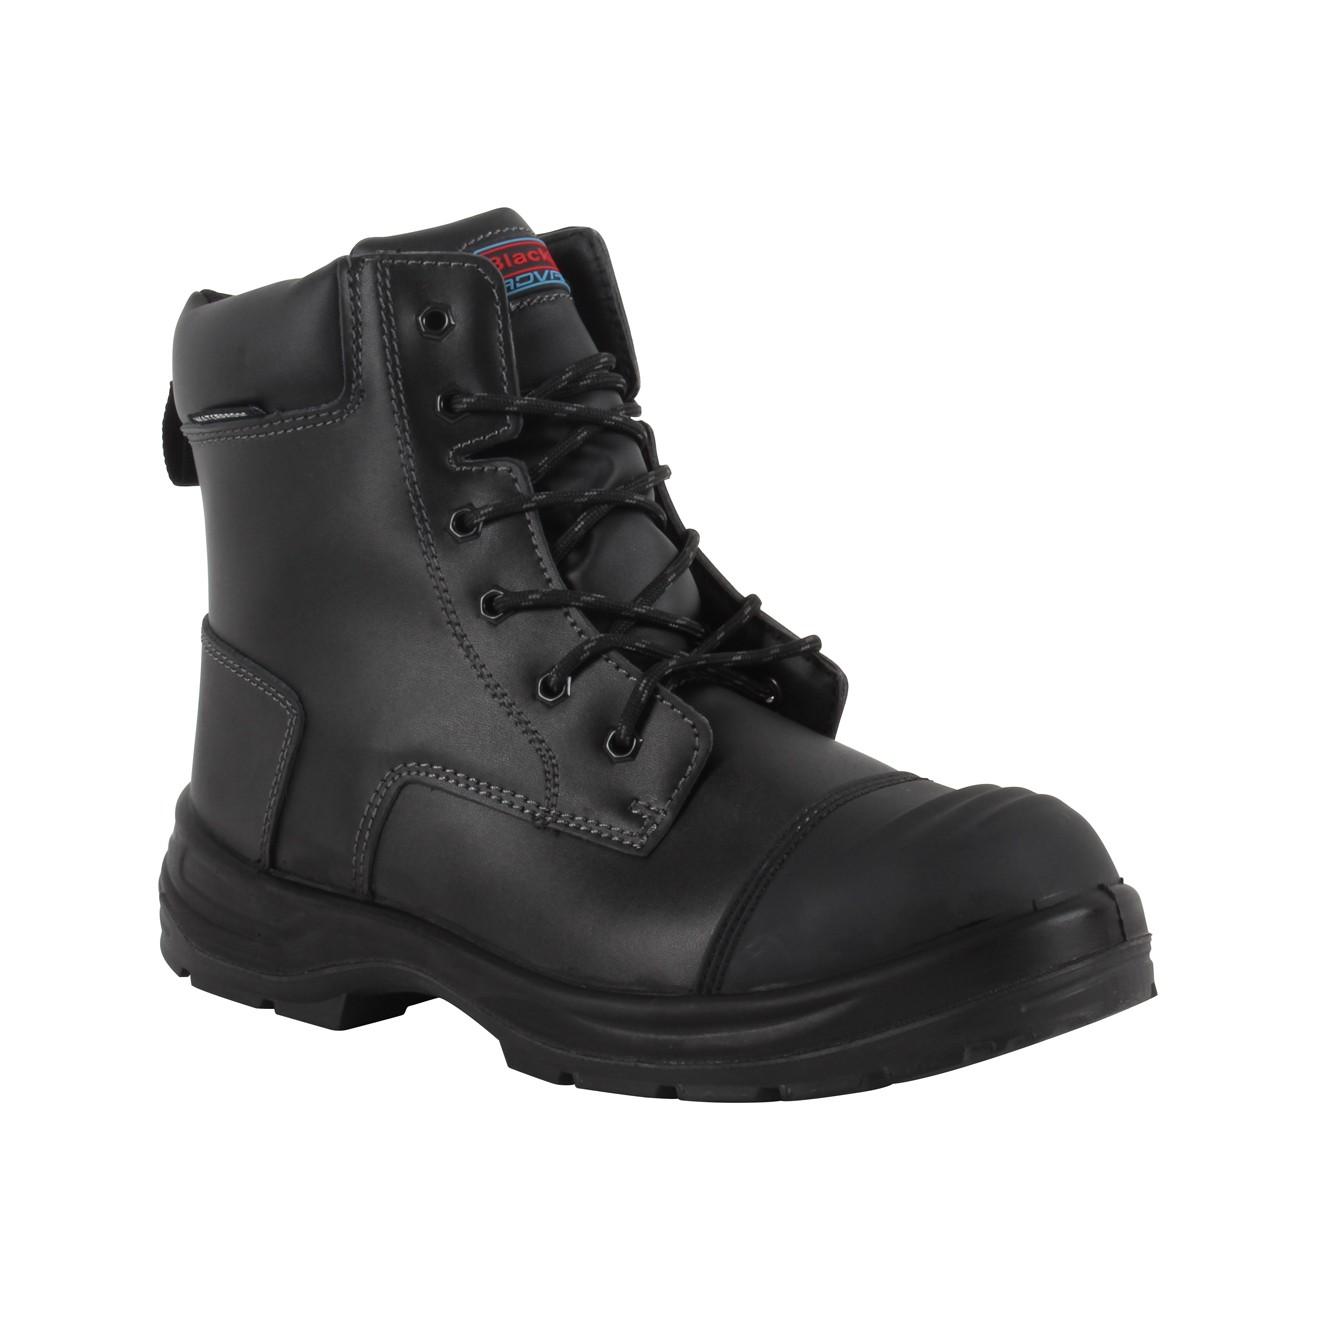 Victor Waterproof/HRO Boot